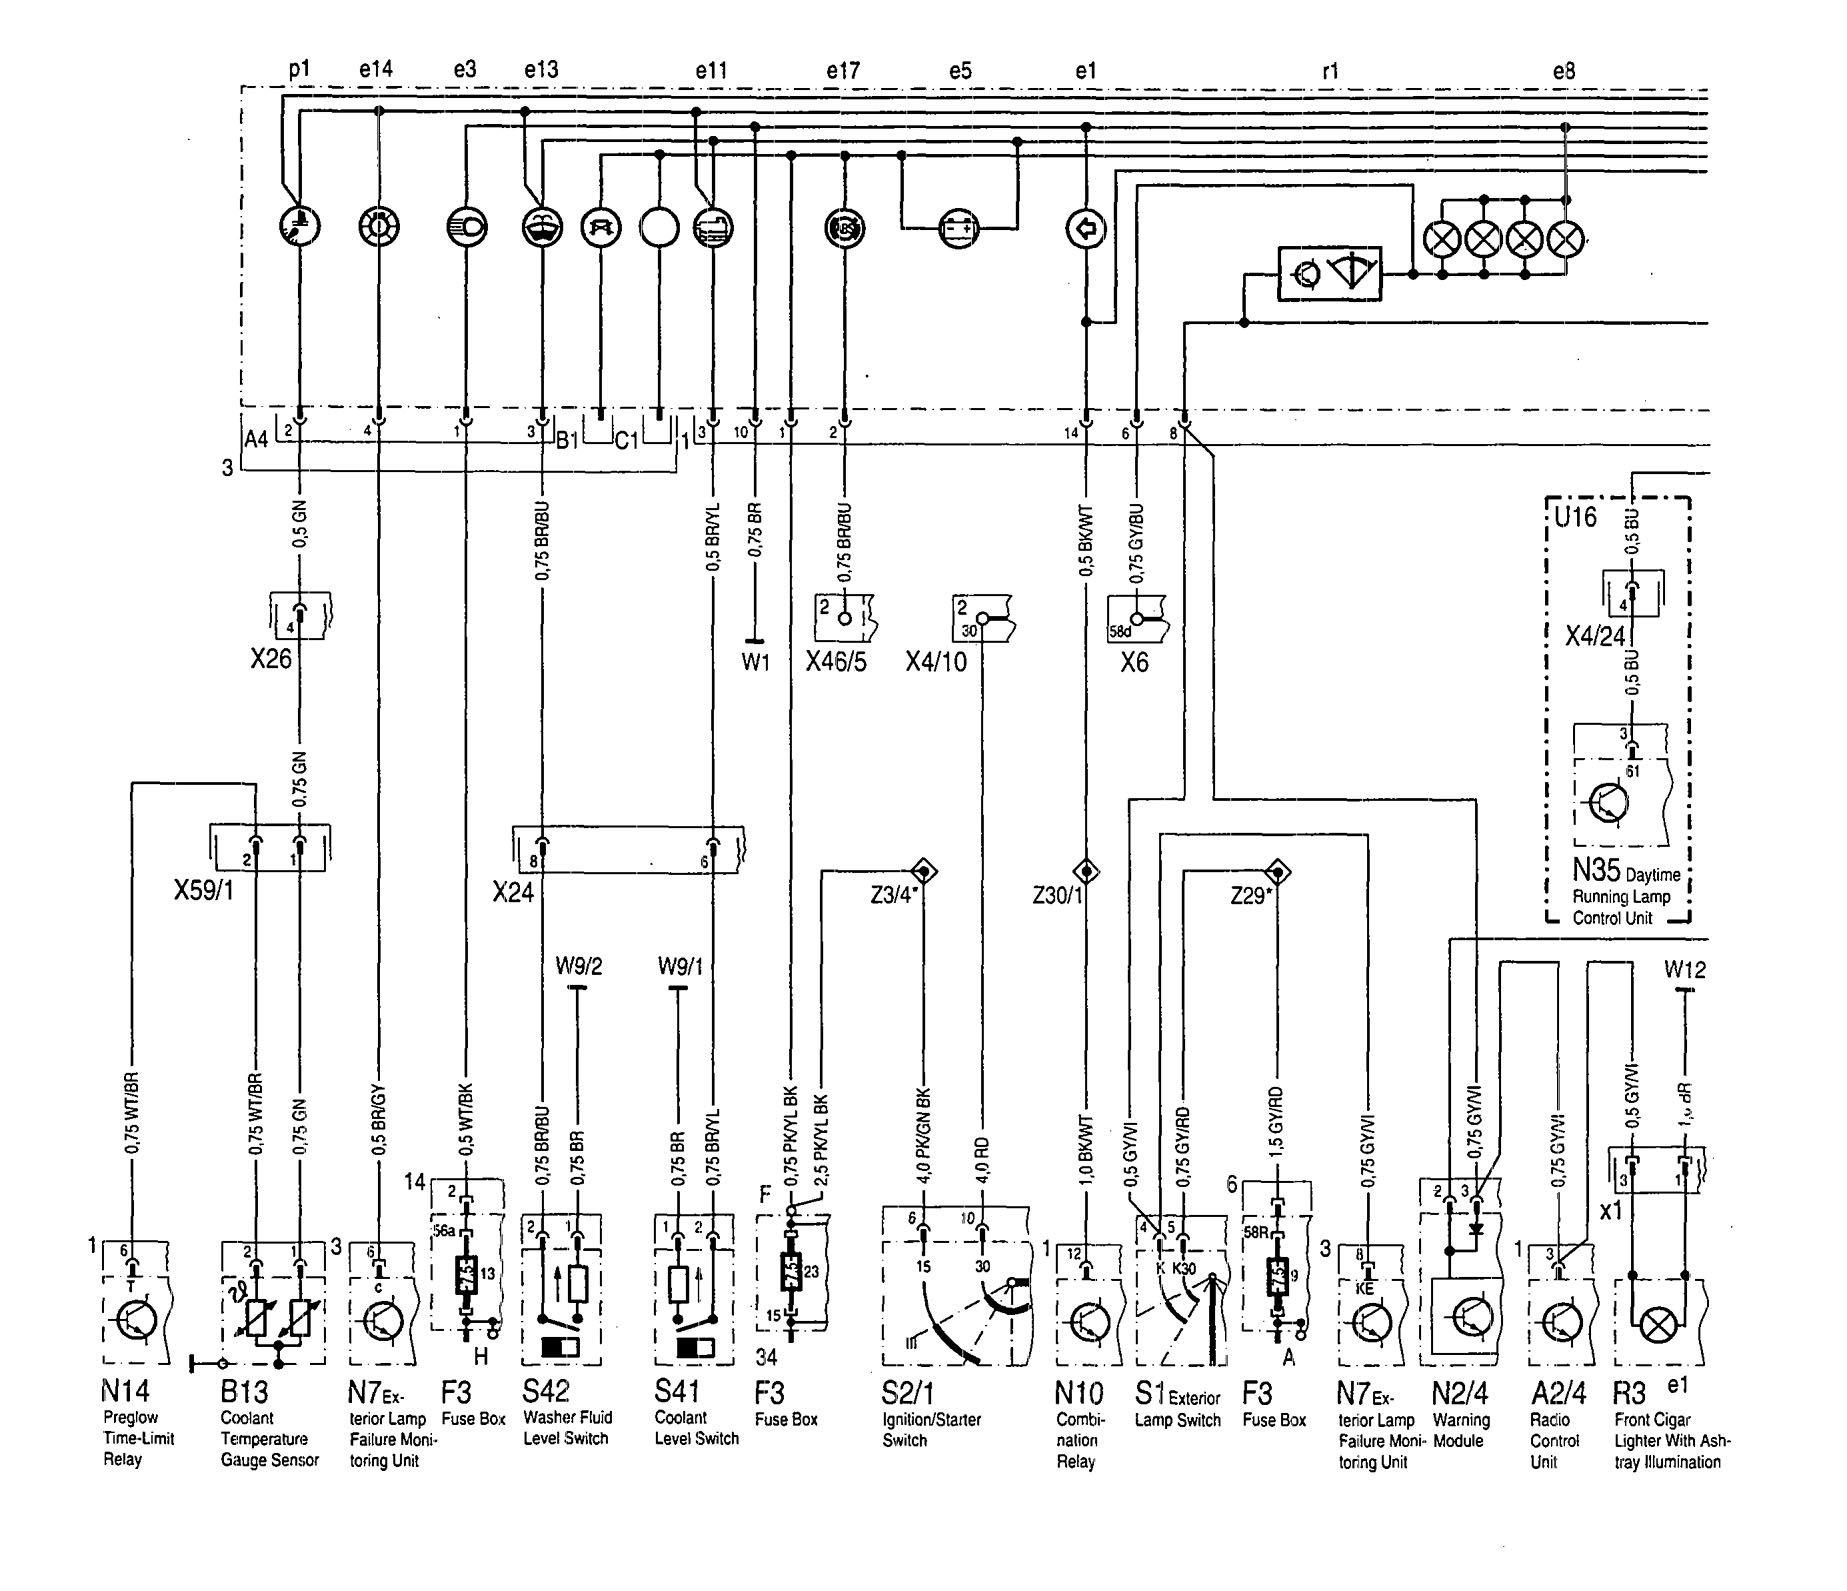 mercedes mercedes benz sl wiring diagram on mercedes 450sl vacuum  diagram, mercedes w123 300d vacuum hoses